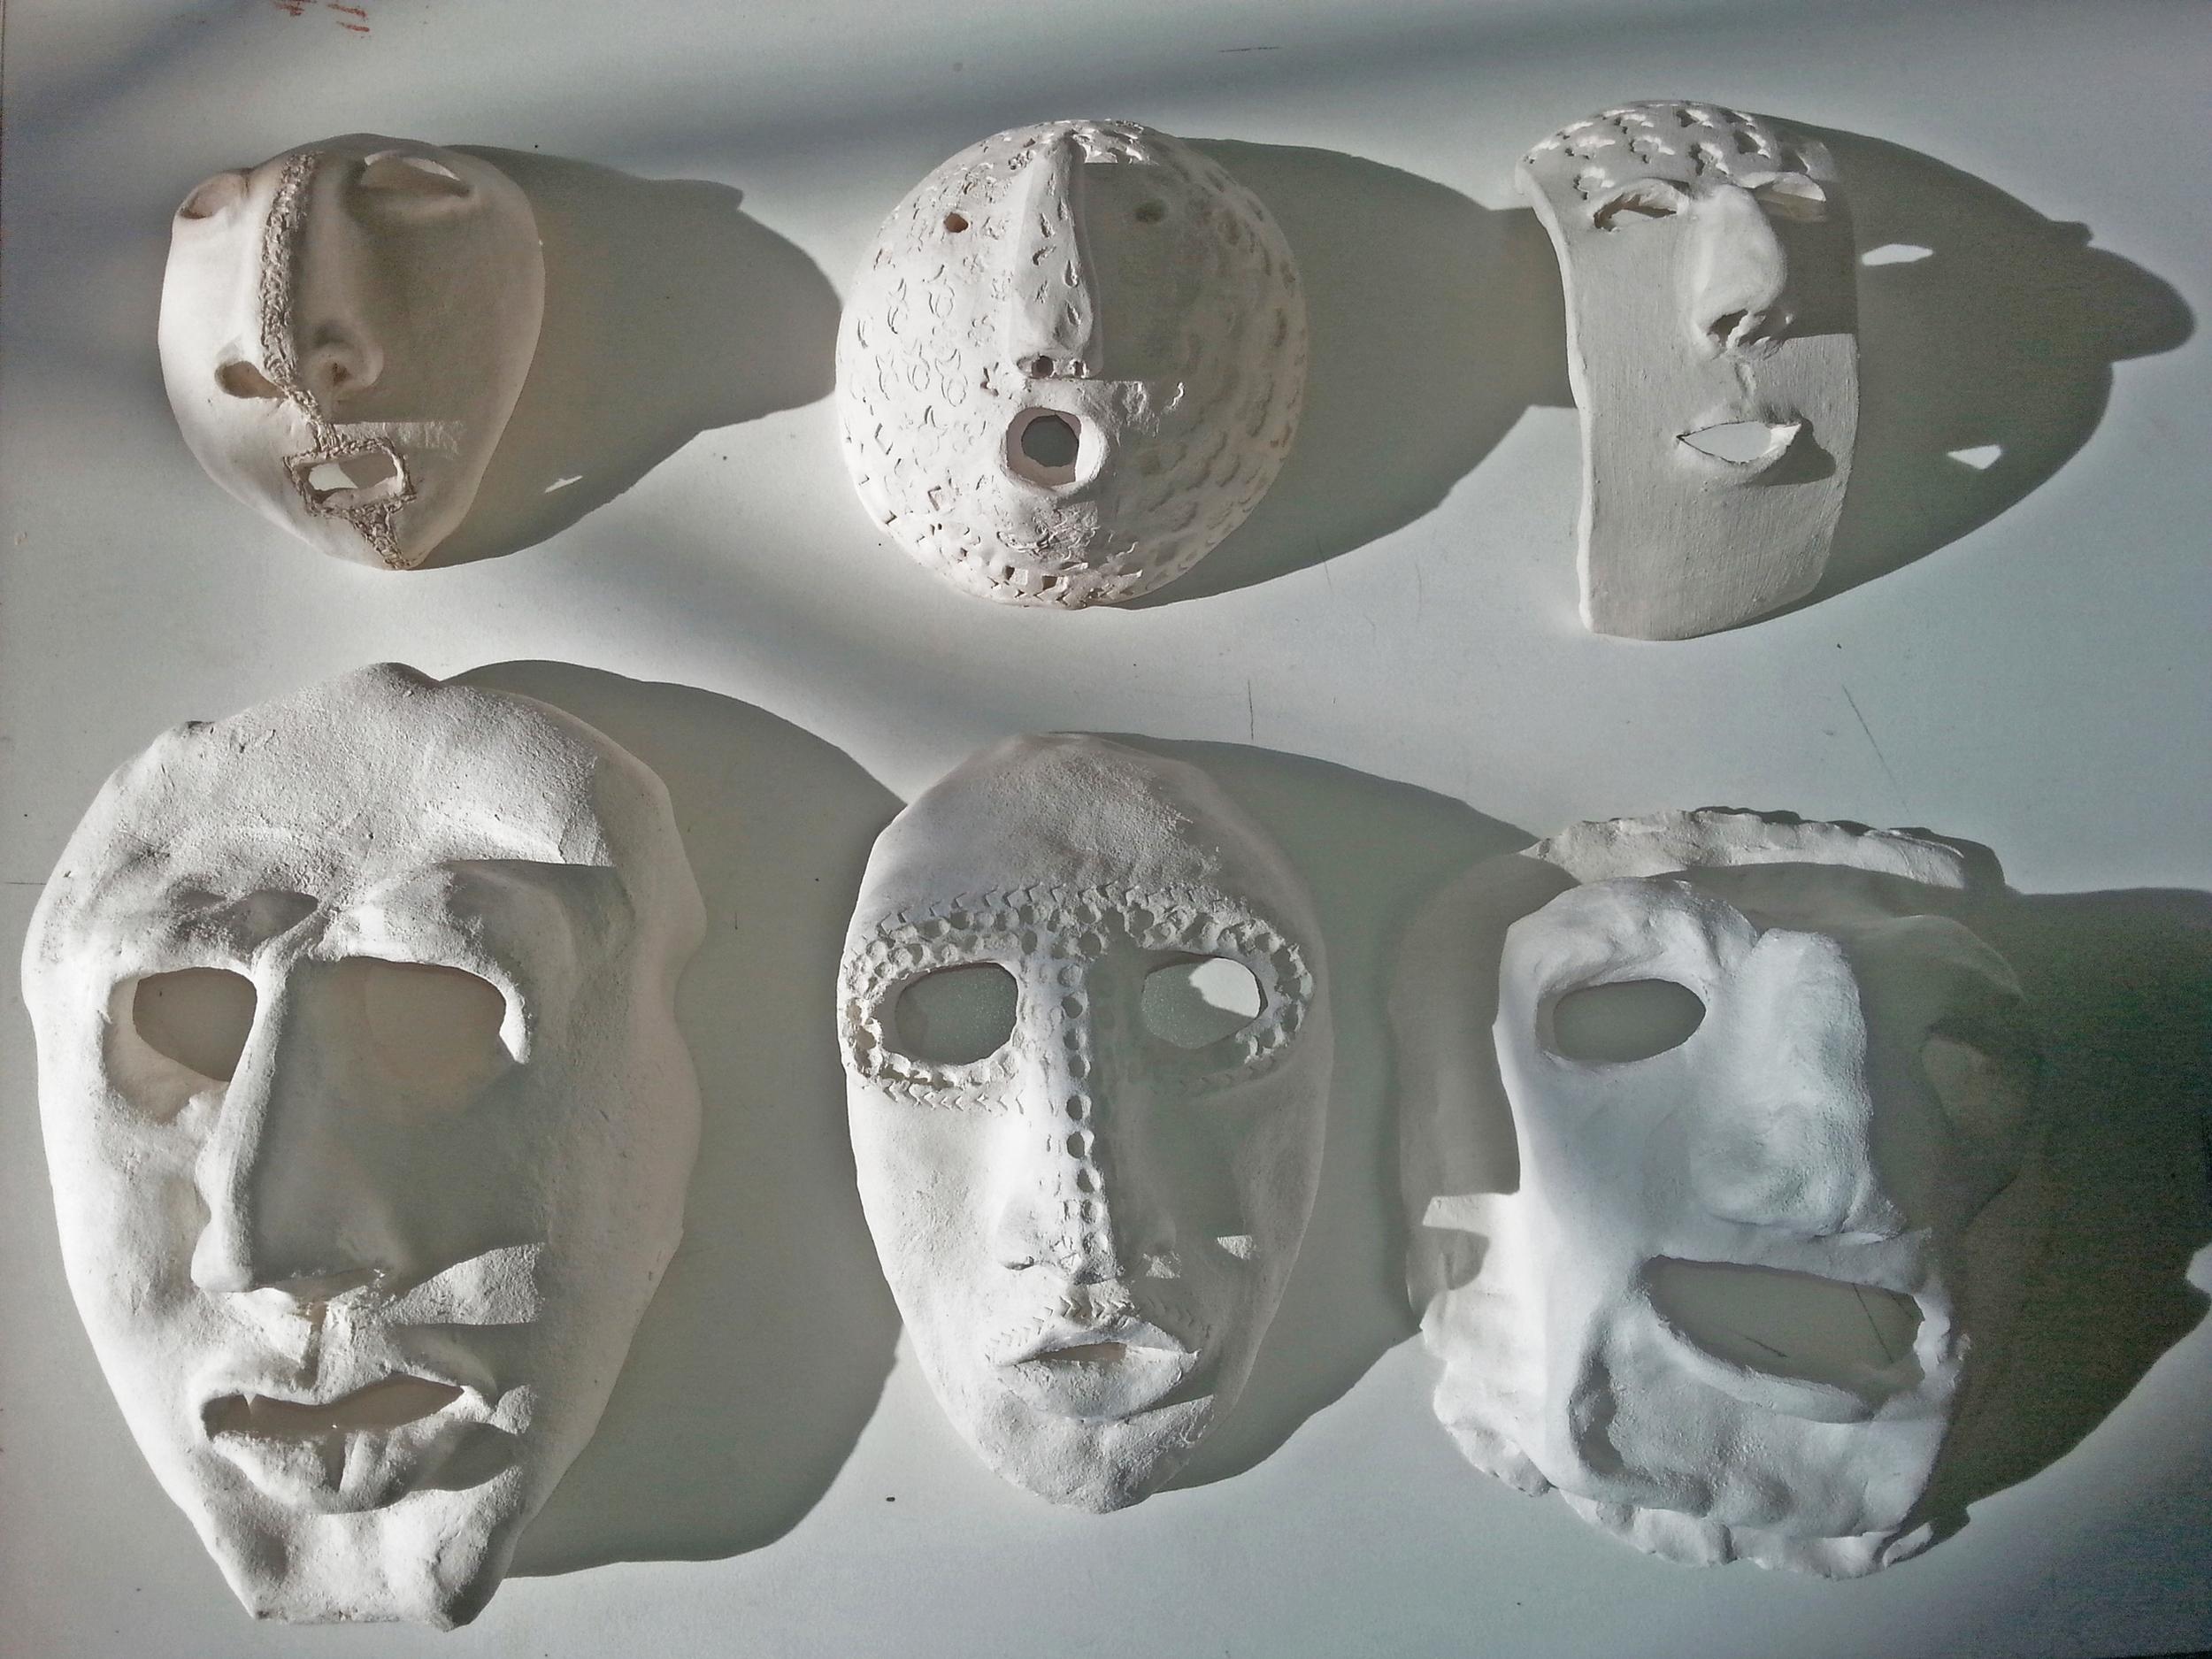 Ceramic masks in progress